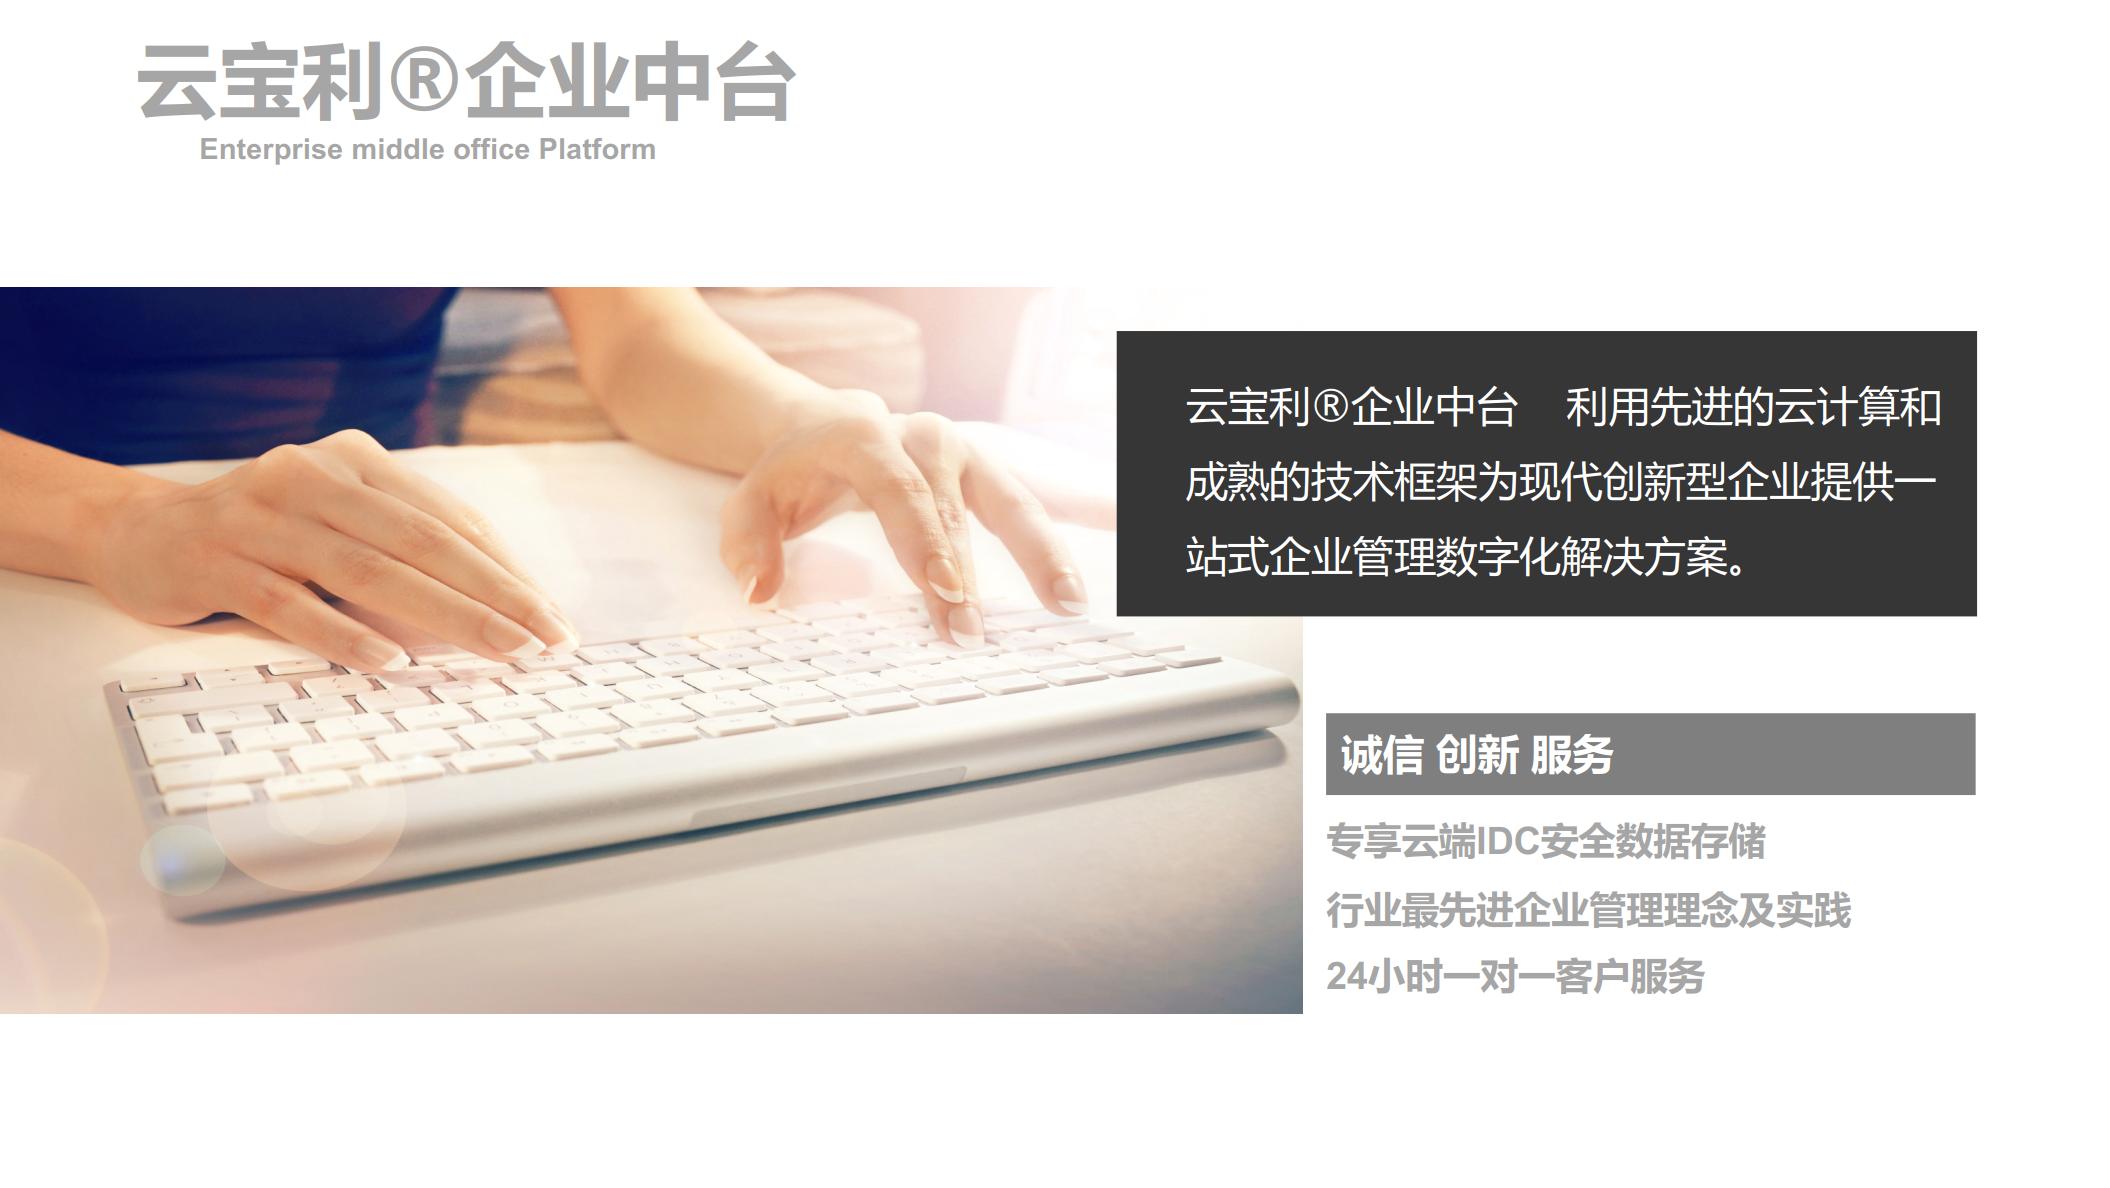 云宝利企业中台简介_4.png